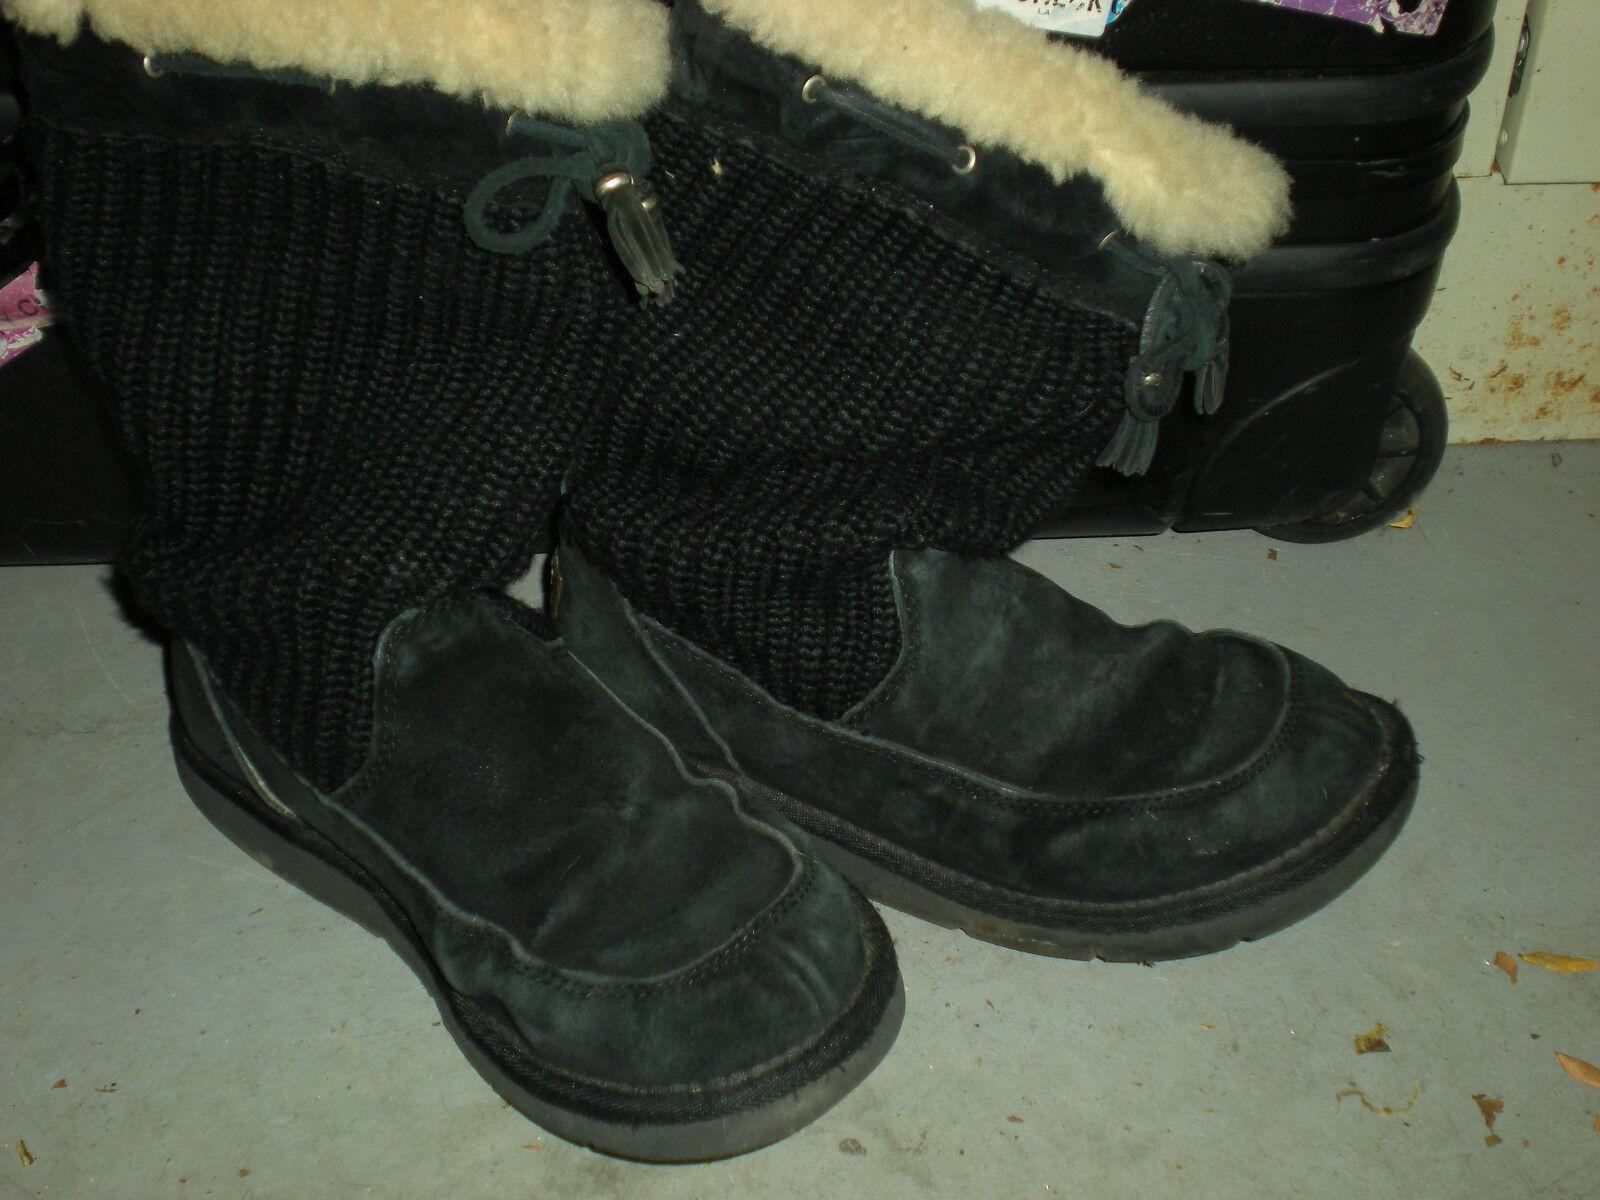 UGG Australia Bottes d hiver en cuir de mouton noires avec cordon de serrage pour dames, taille 8